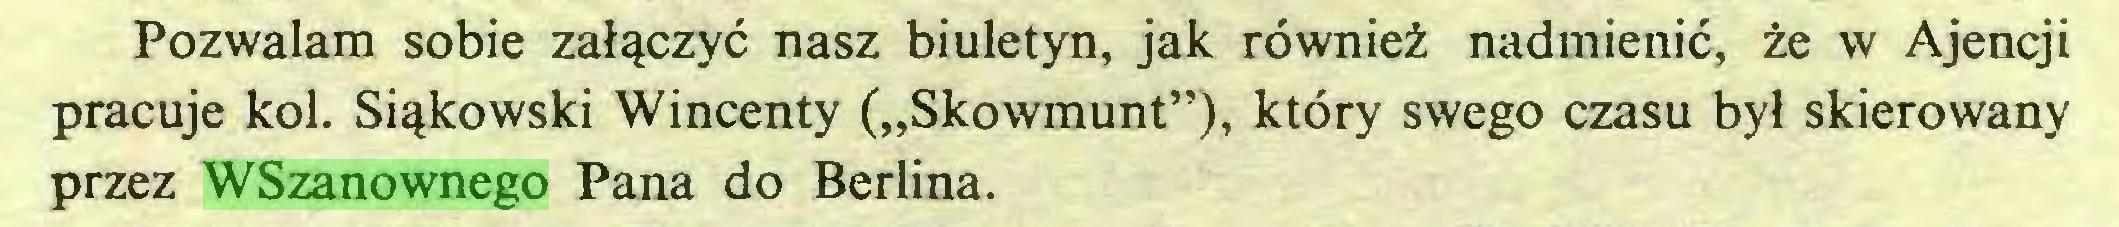 """(...) Pozwalam sobie załączyć nasz biuletyn, jak również nadmienić, że w Ajencji pracuje kol. Siąkowski Wincenty (""""Skowmunt""""), który swego czasu był skierowany przez WSzanownego Pana do Berlina..."""